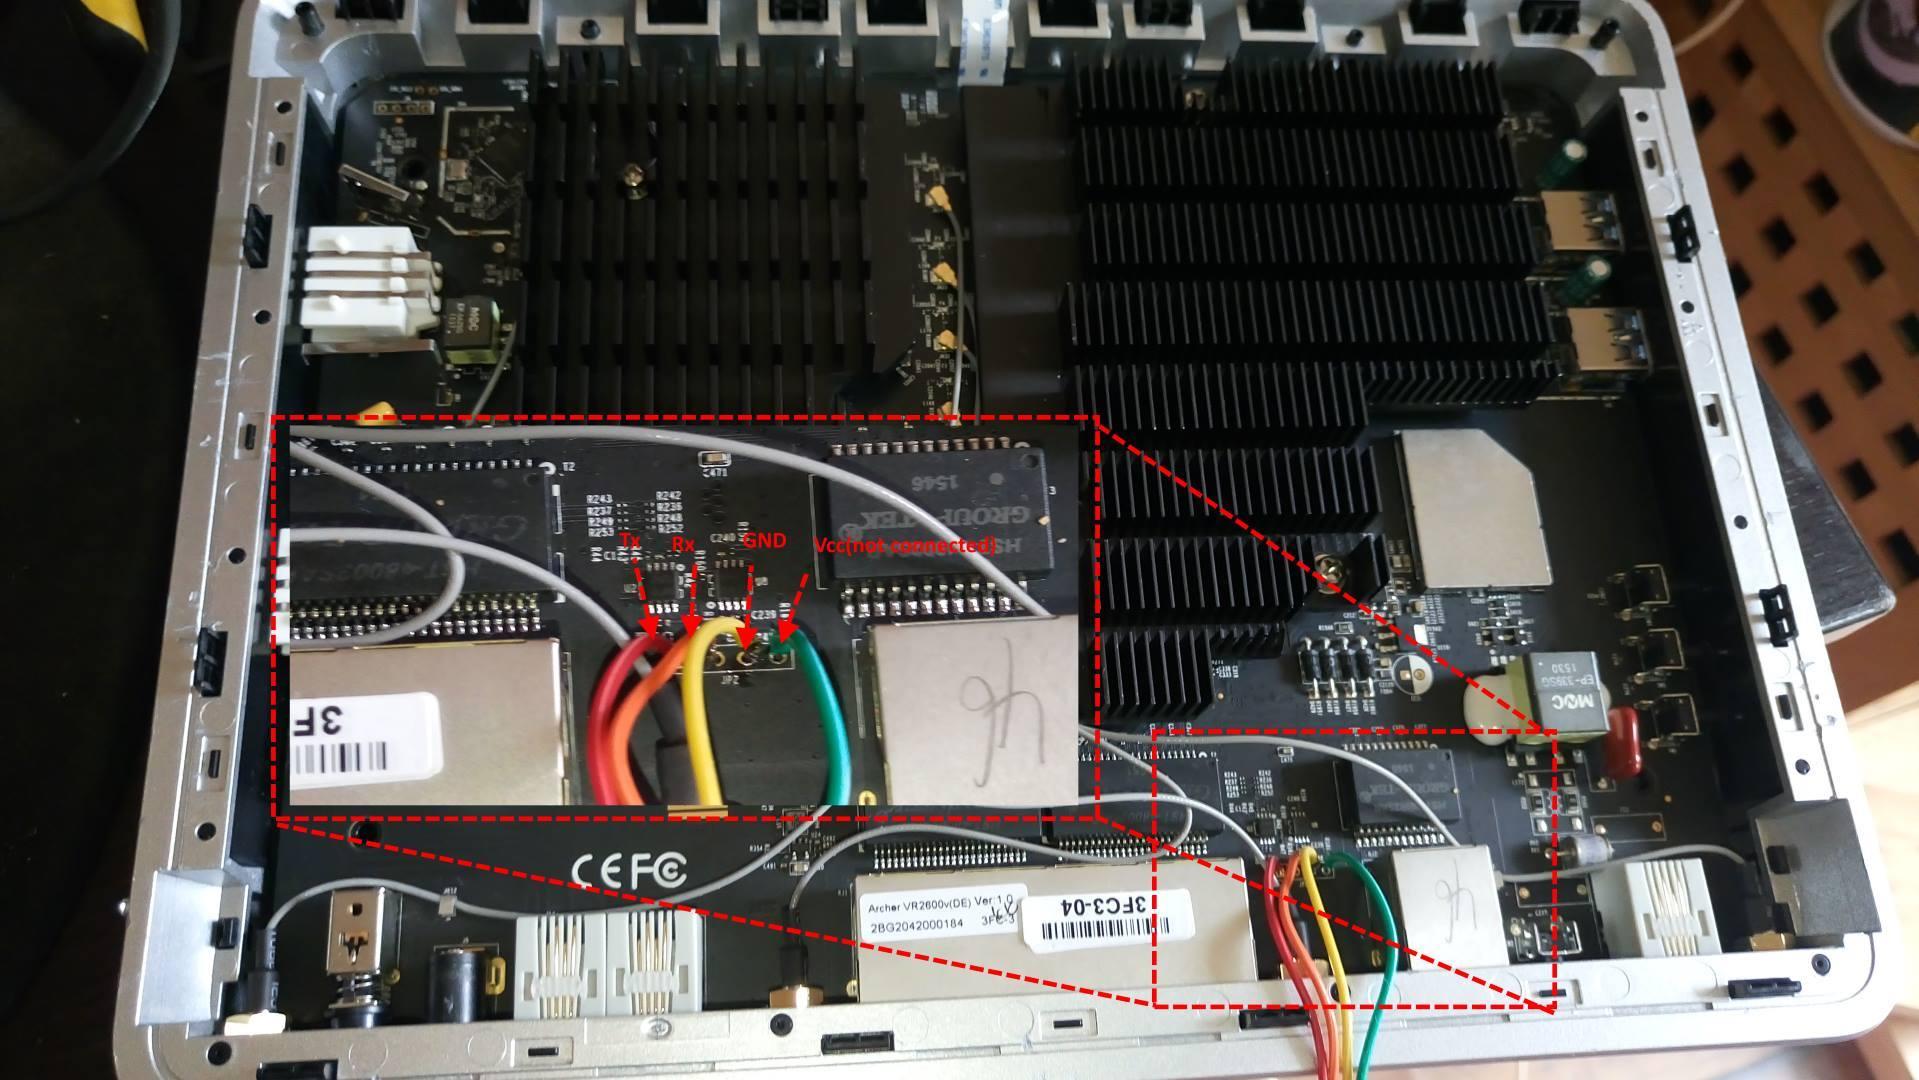 Ipq806x: LEDE support for TP-Link Archer VR2600v - For